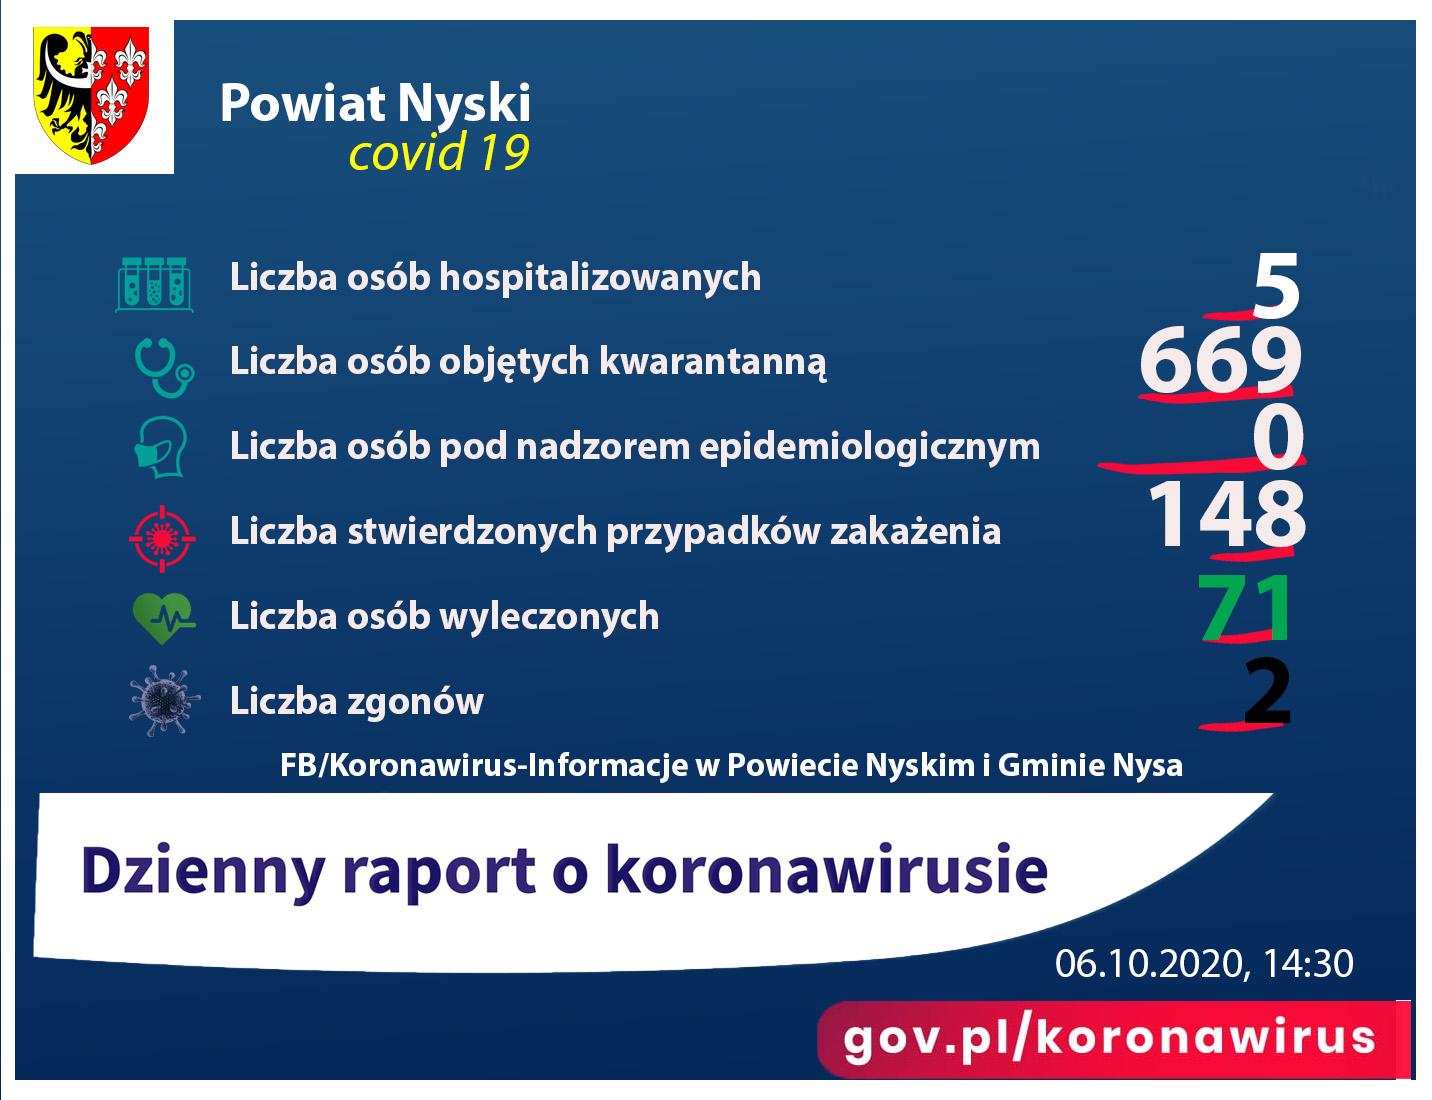 Raport - liczba zakażonych 148, ozdrowieńców 71, zgony 2, pod nadzorem 0, kwarantanna 669